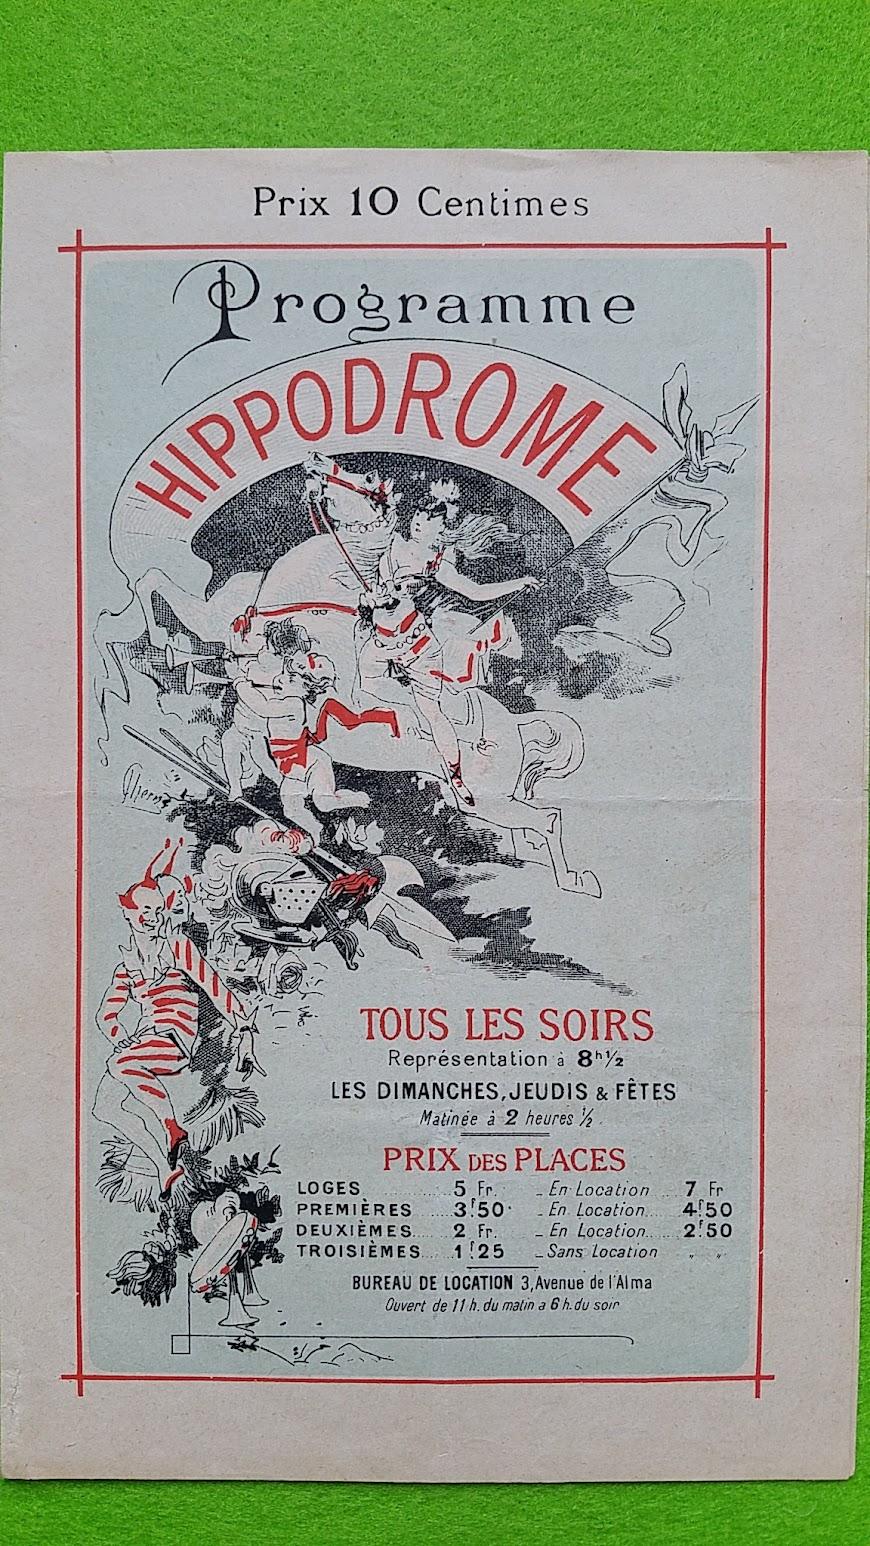 Revue-Programm aus Paris, 1895, Hippodrome